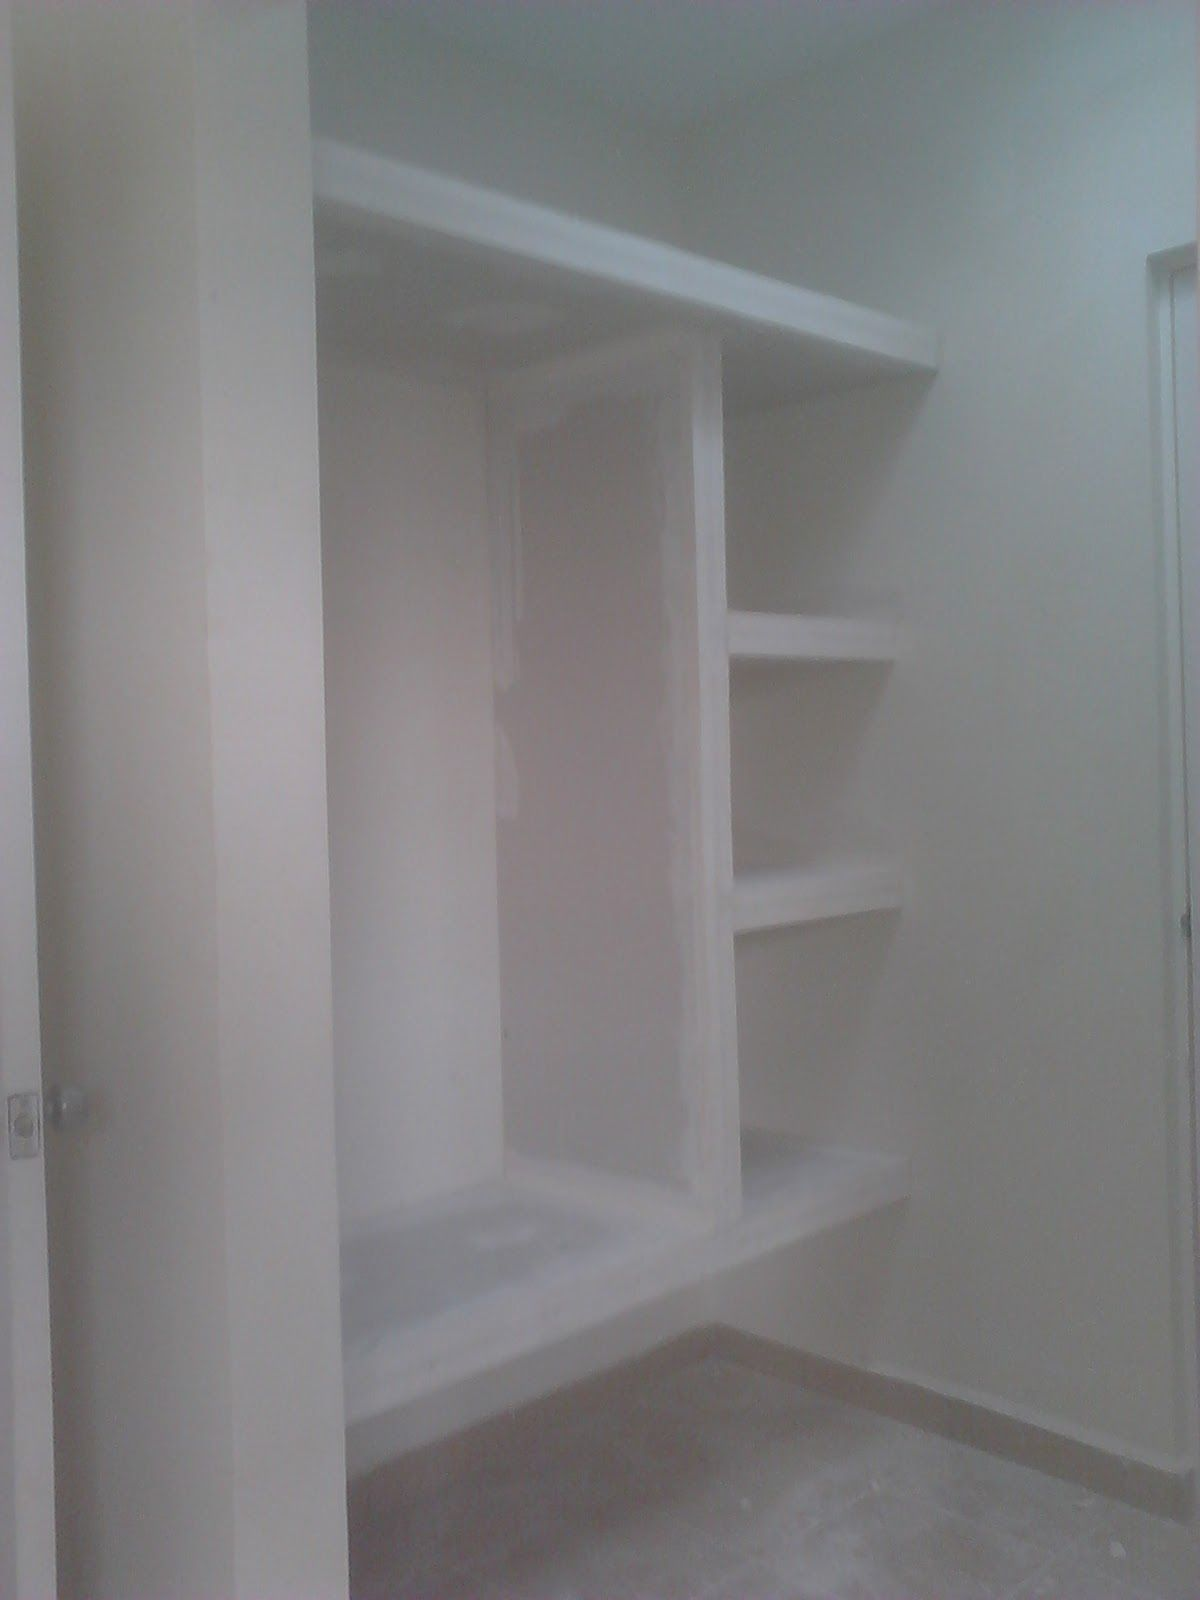 Img01017 Jpg 1200 1600 Muebles Para Banos Pequenos Closet De Pared Closet De Tablaroca